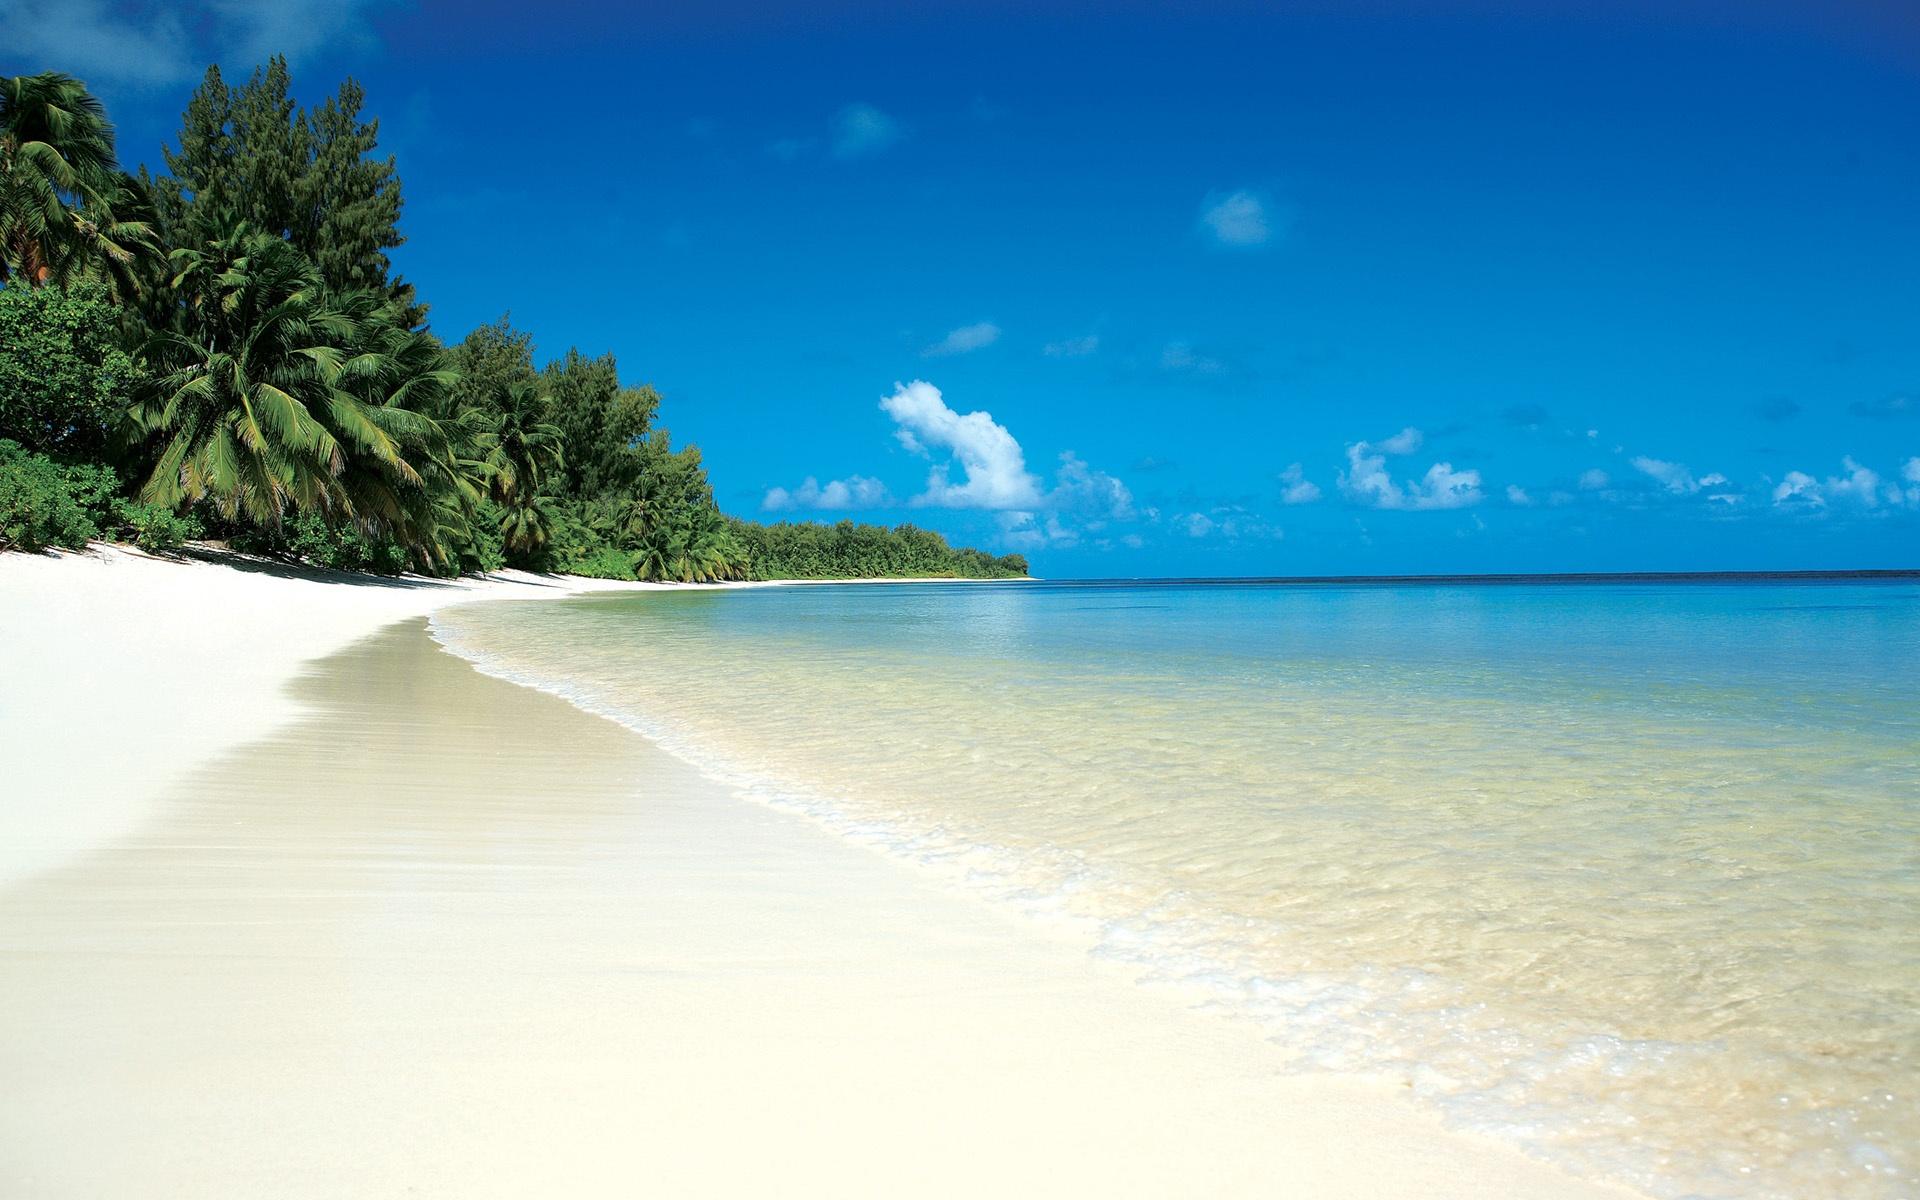 tropischer strand und meer 1920x1200 hd hintergrundbilder. Black Bedroom Furniture Sets. Home Design Ideas